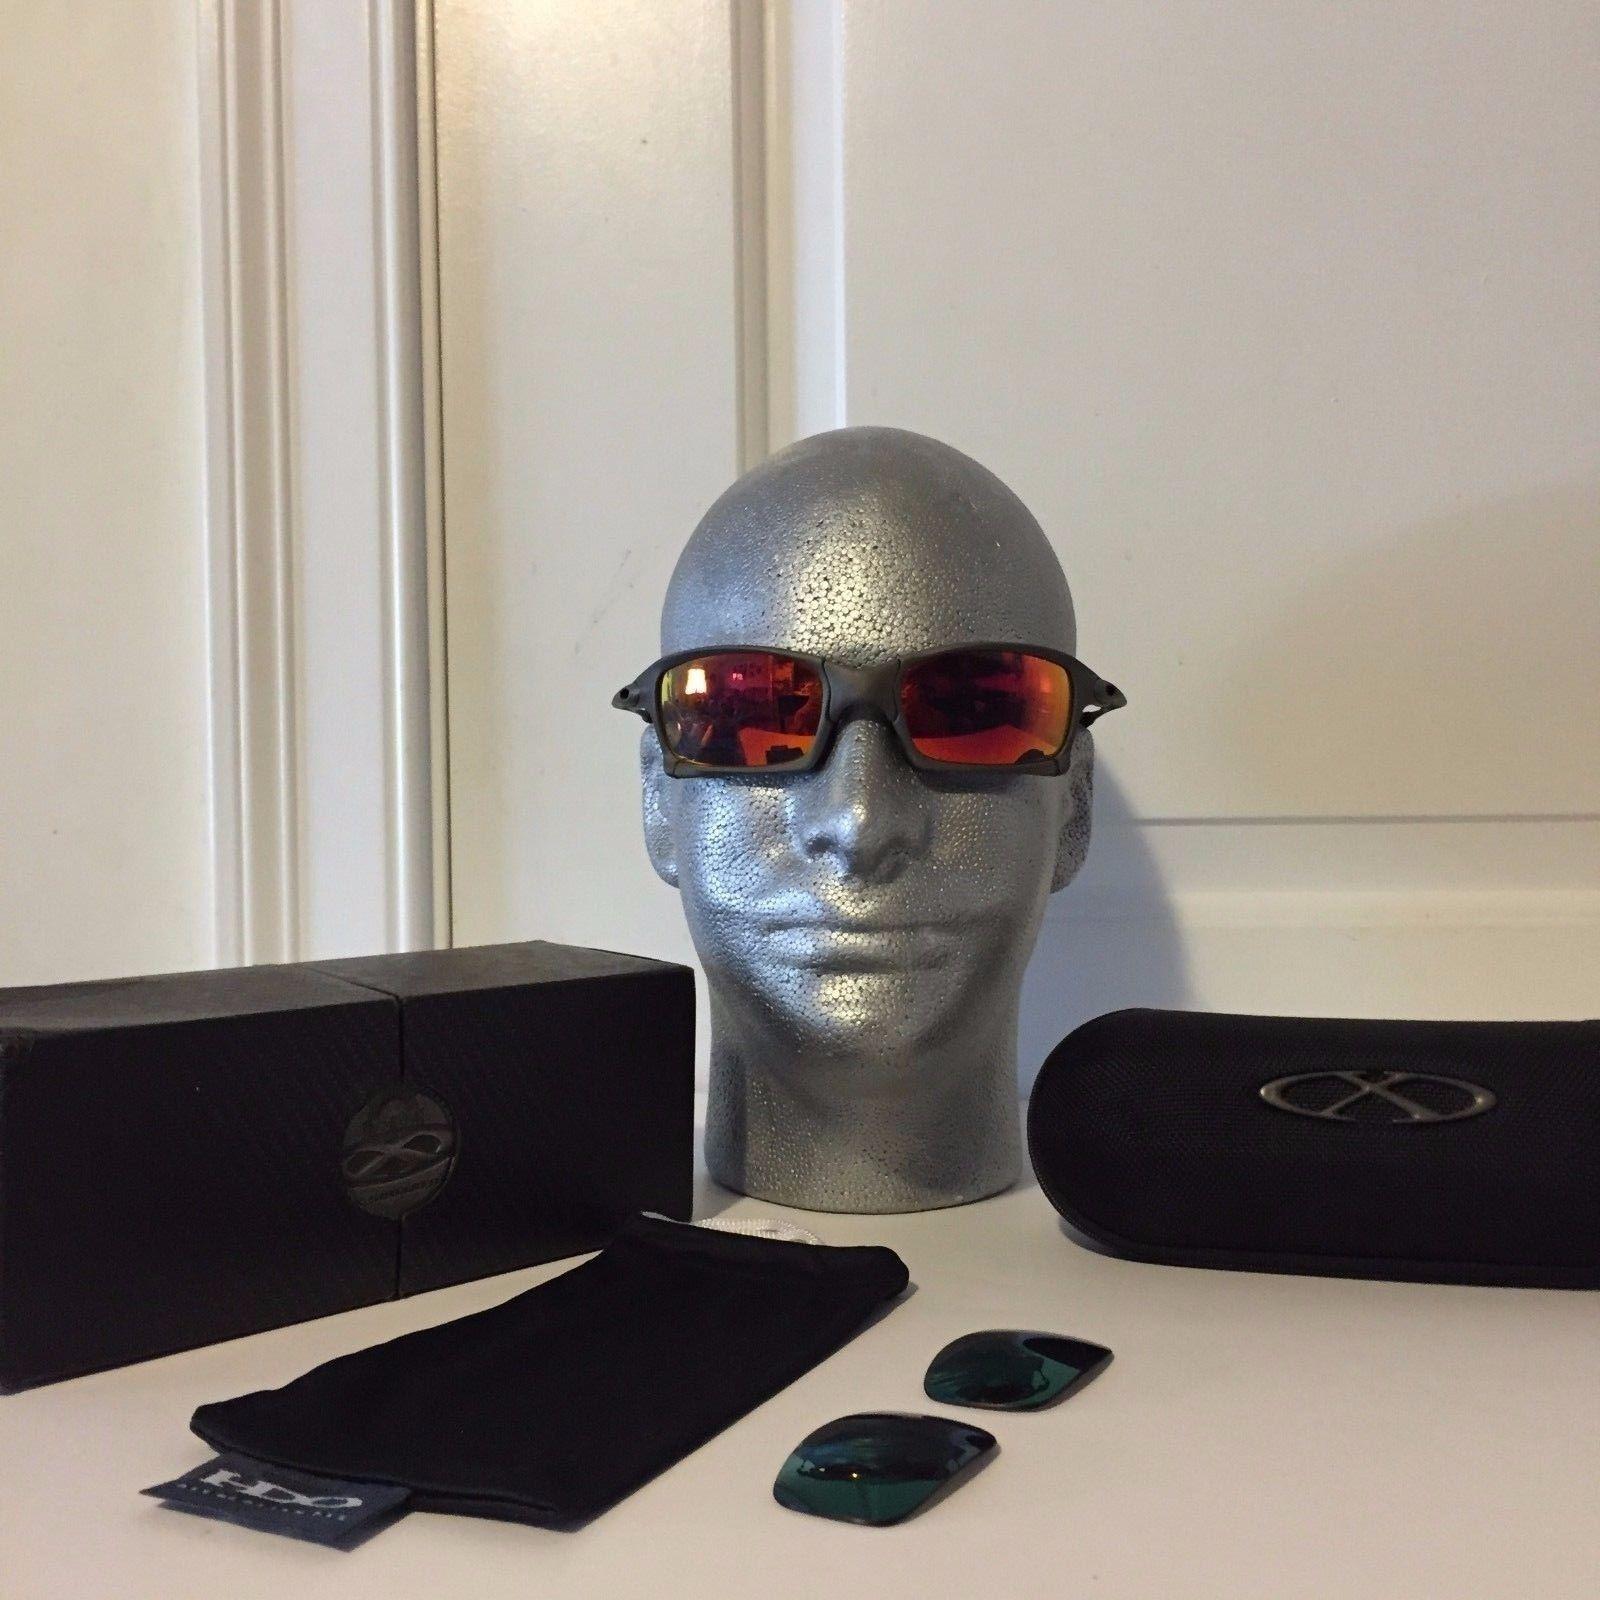 Oakley OAKLEY X-SQUARED X-METAL Ruby Iridium - s-l1600 (27).jpg